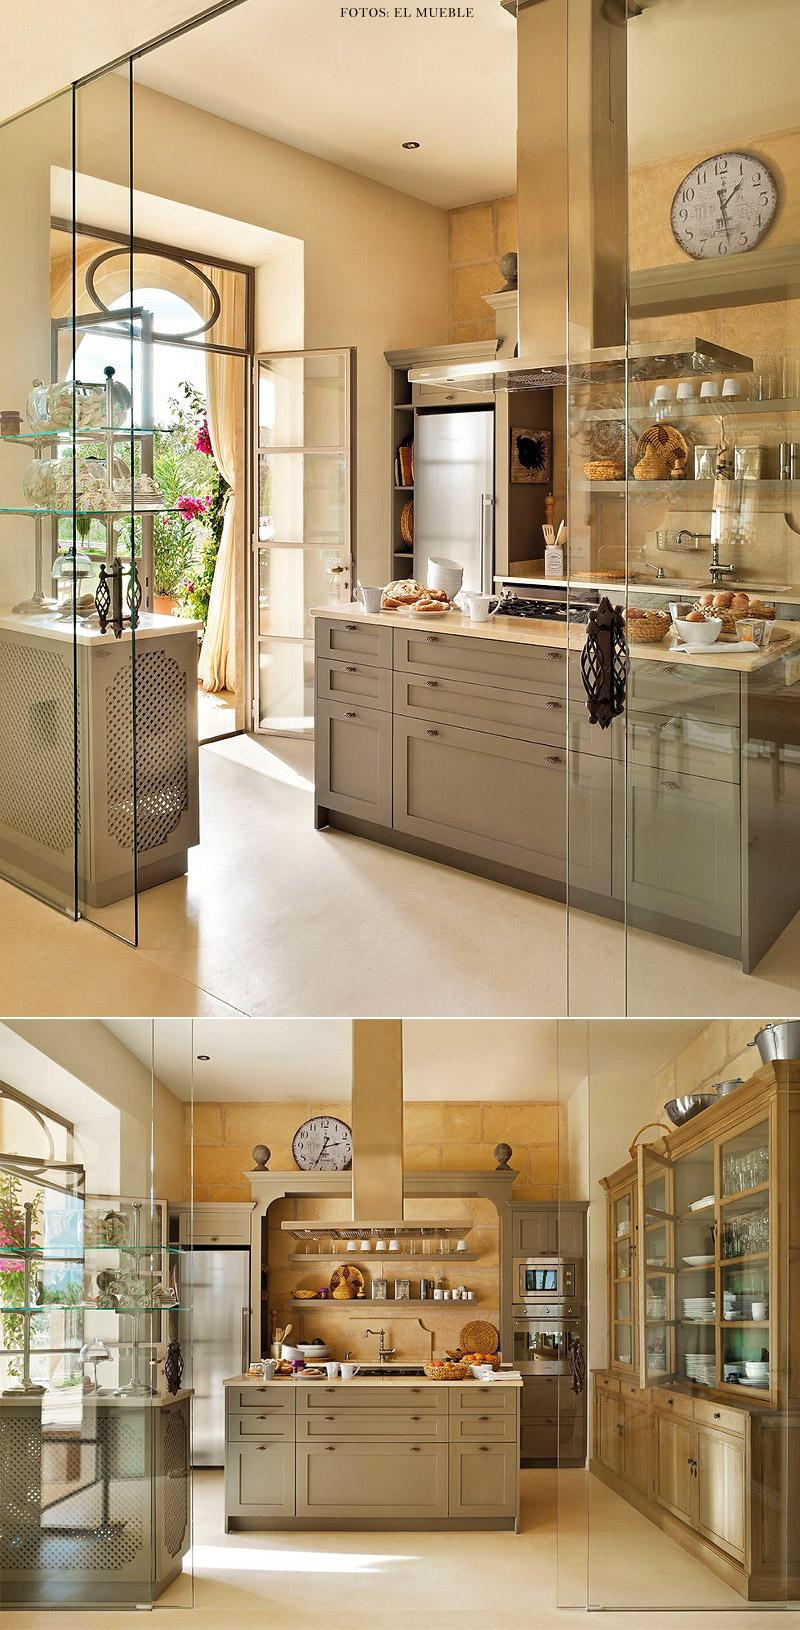 Porta De Vidro Para Sala De Jantar ~ Divisão sutil de espaços porta de vidro separa cozinha da sala